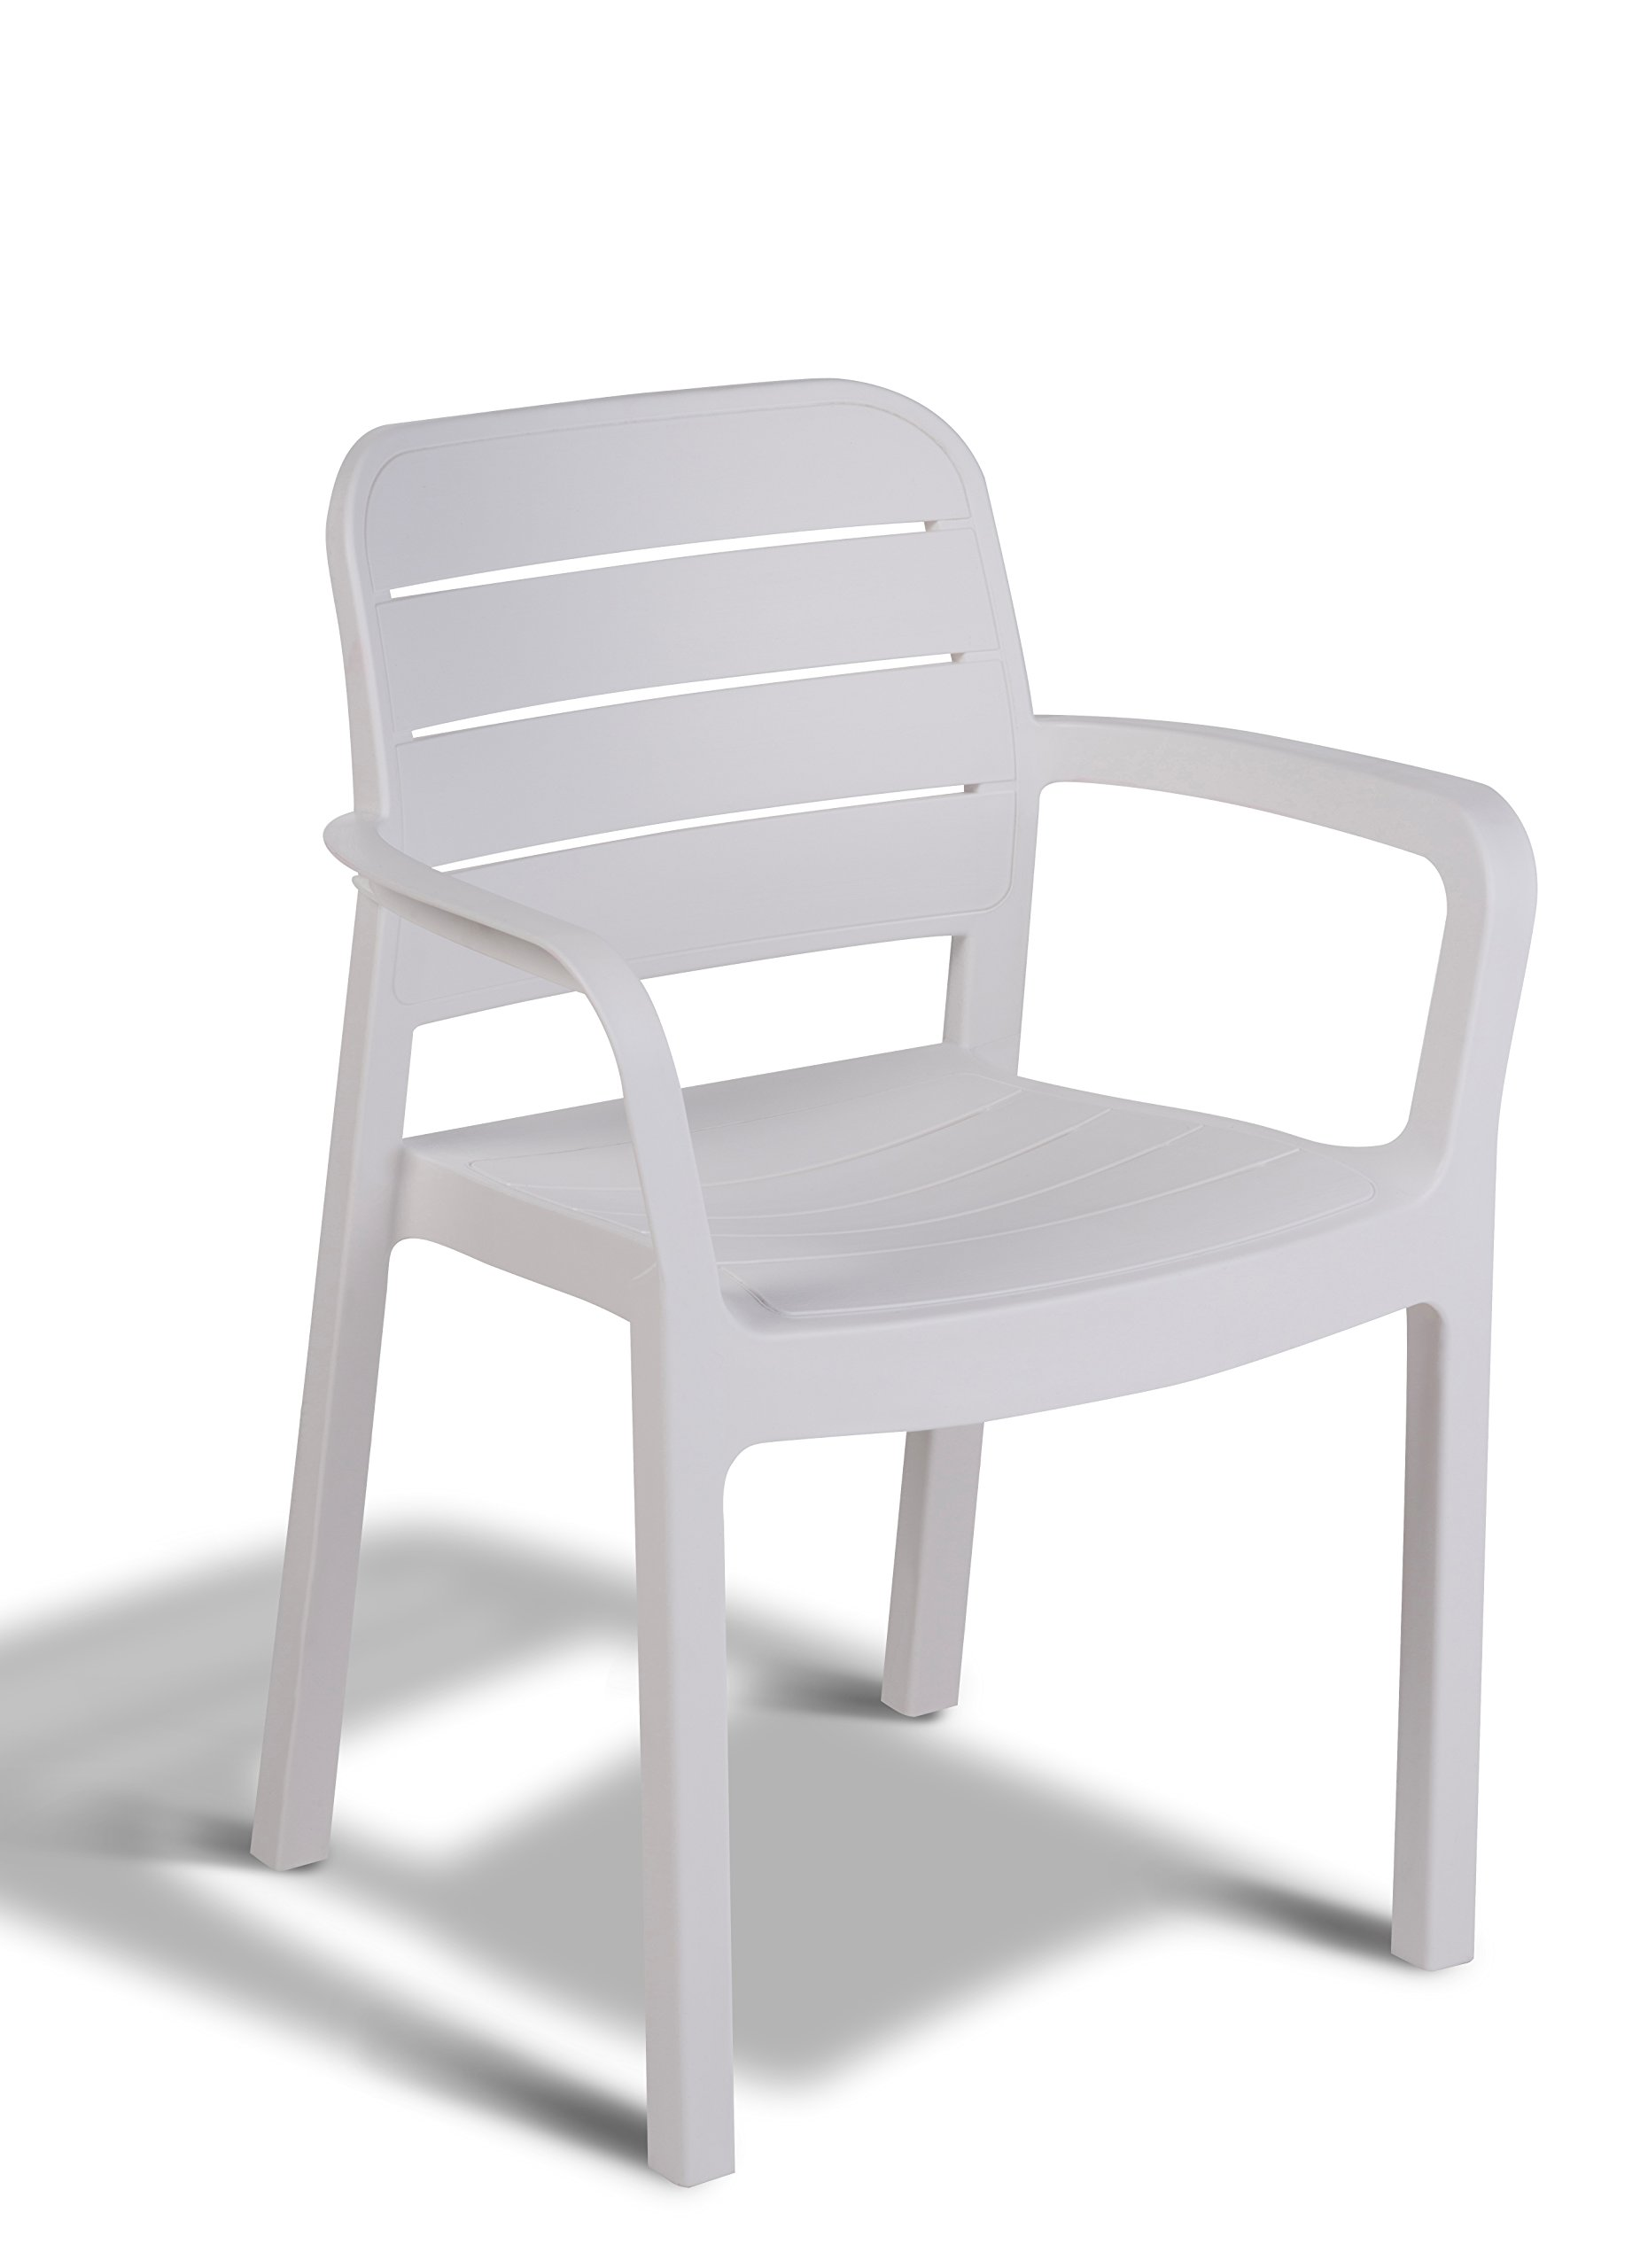 Keter - Silla de jardín exterior Tisara, Color blanco product image